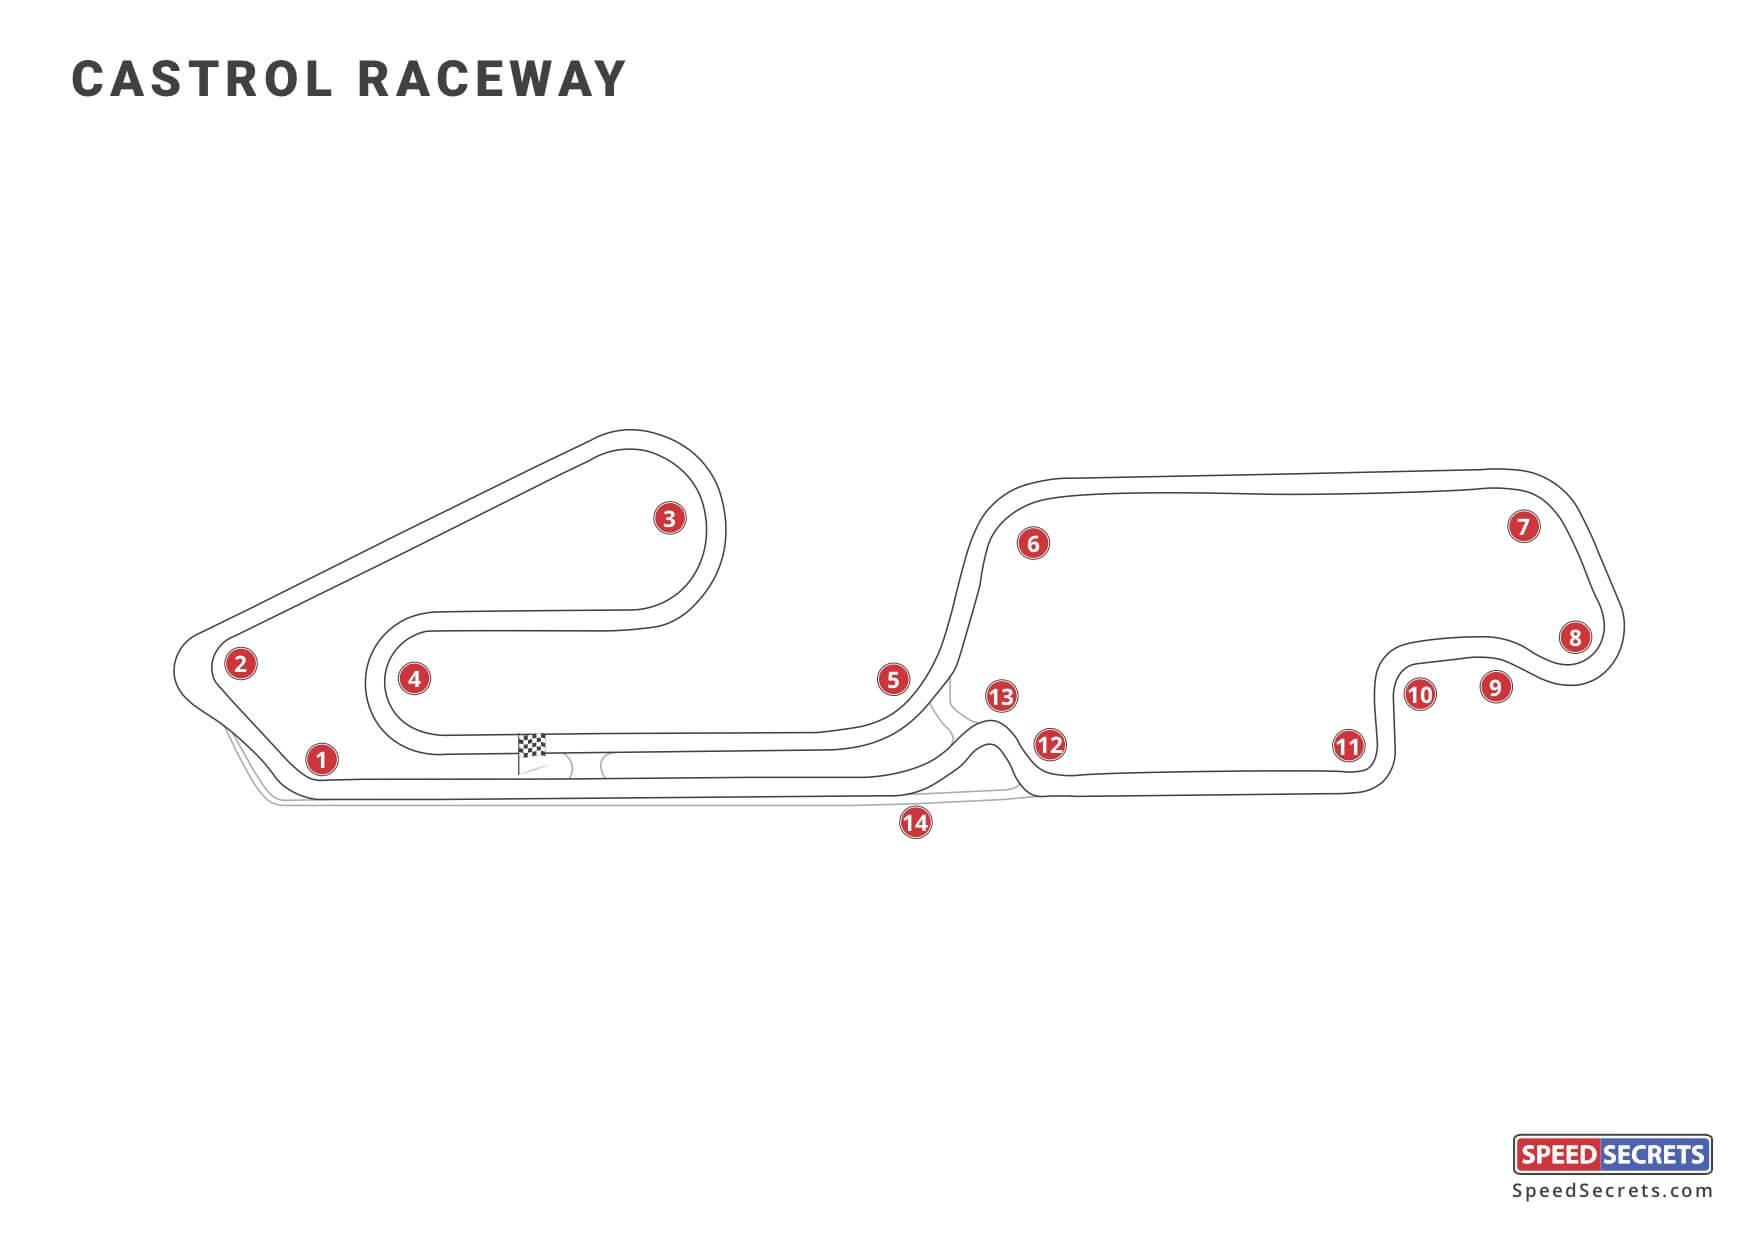 Castrol Raceway